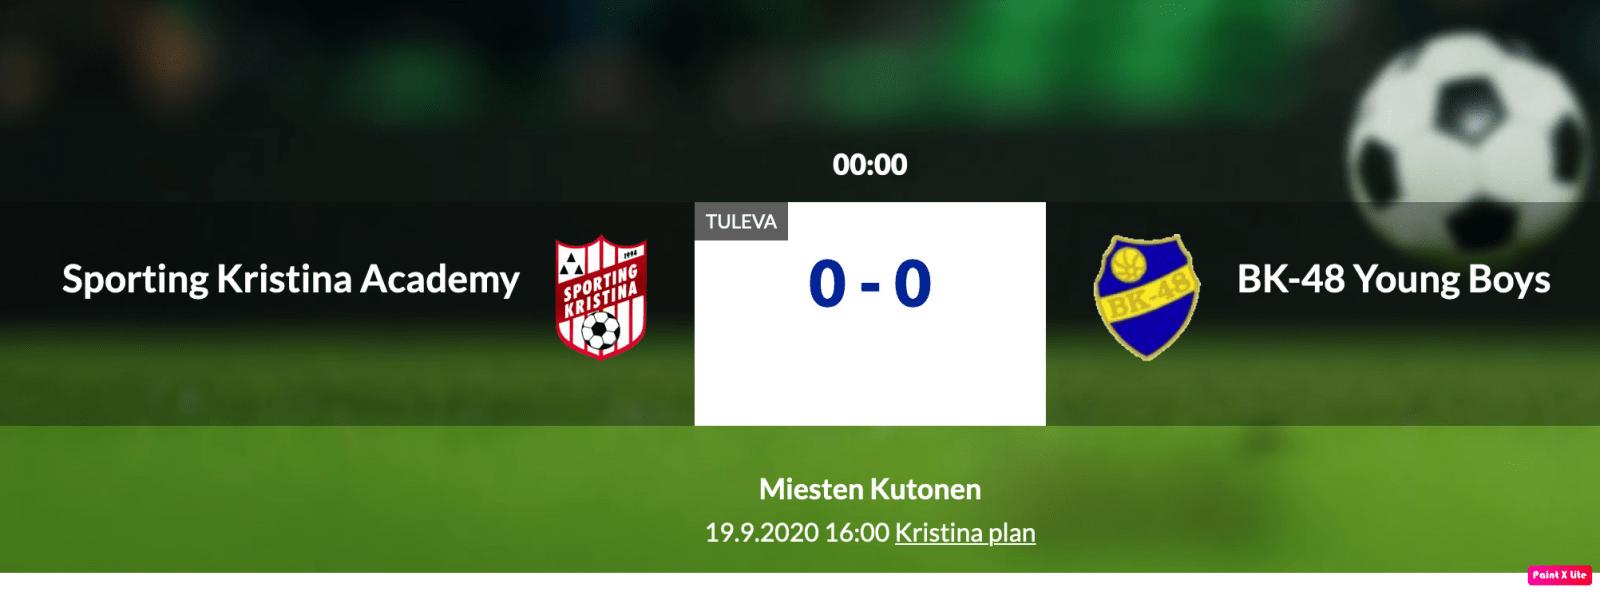 Sporting Kristina Academy – BK-48 Young Boys. Lördag 19.9 Kl. 16.00